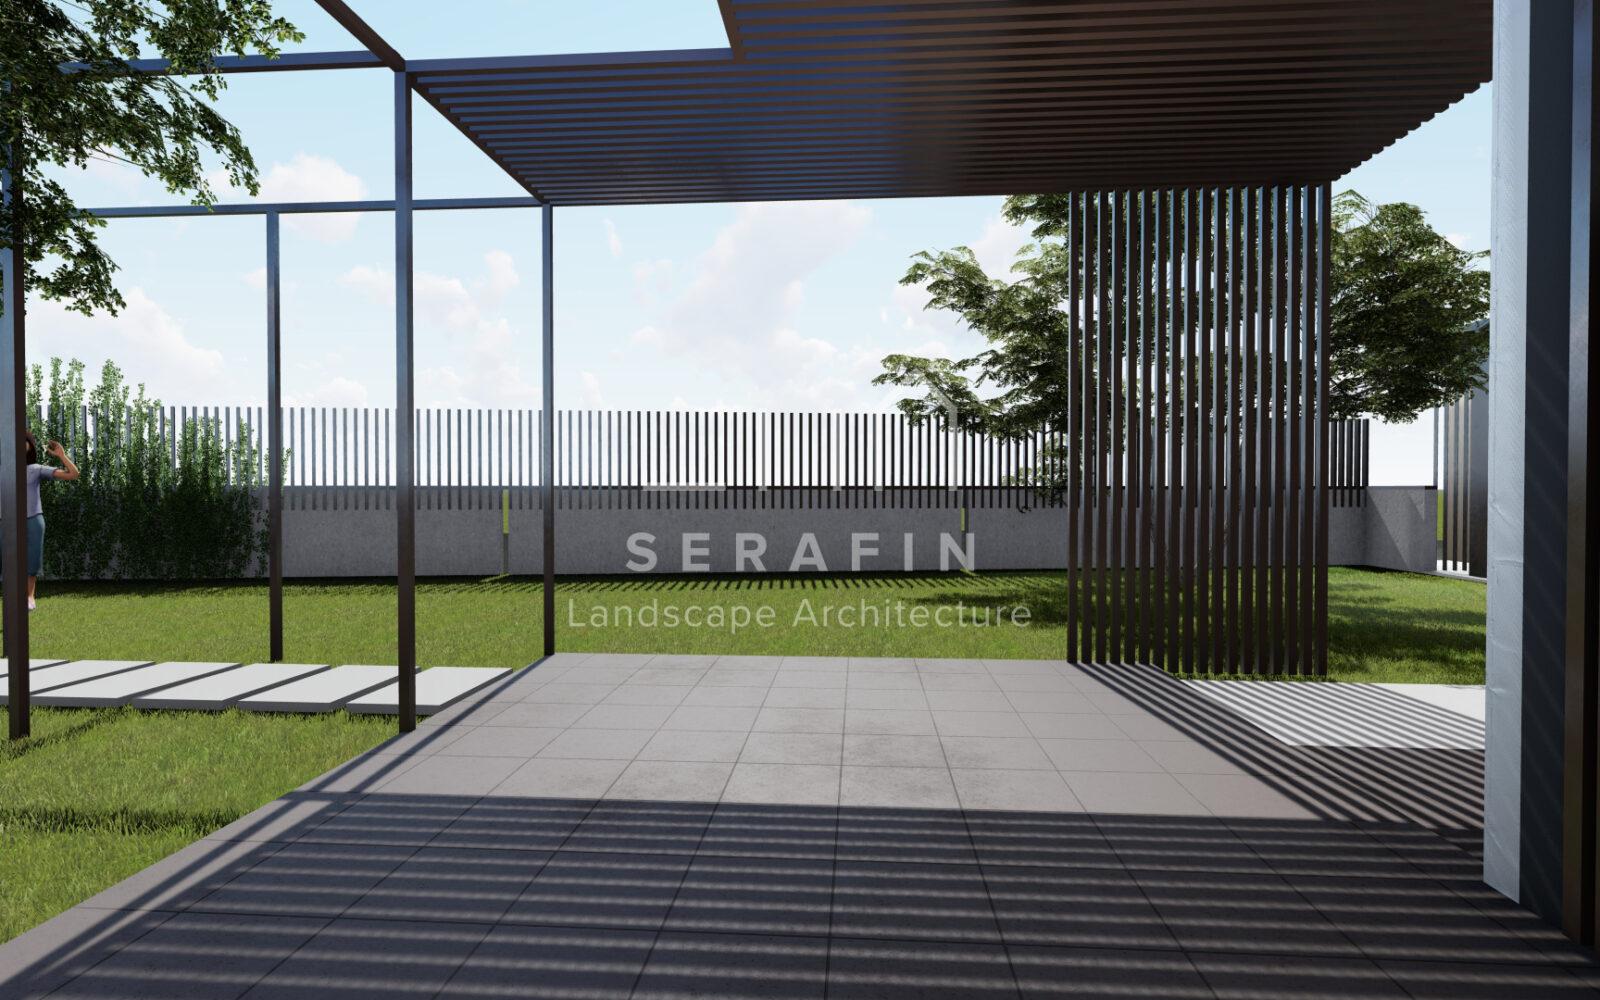 progettazione di un giardino privato a Sacile - 7